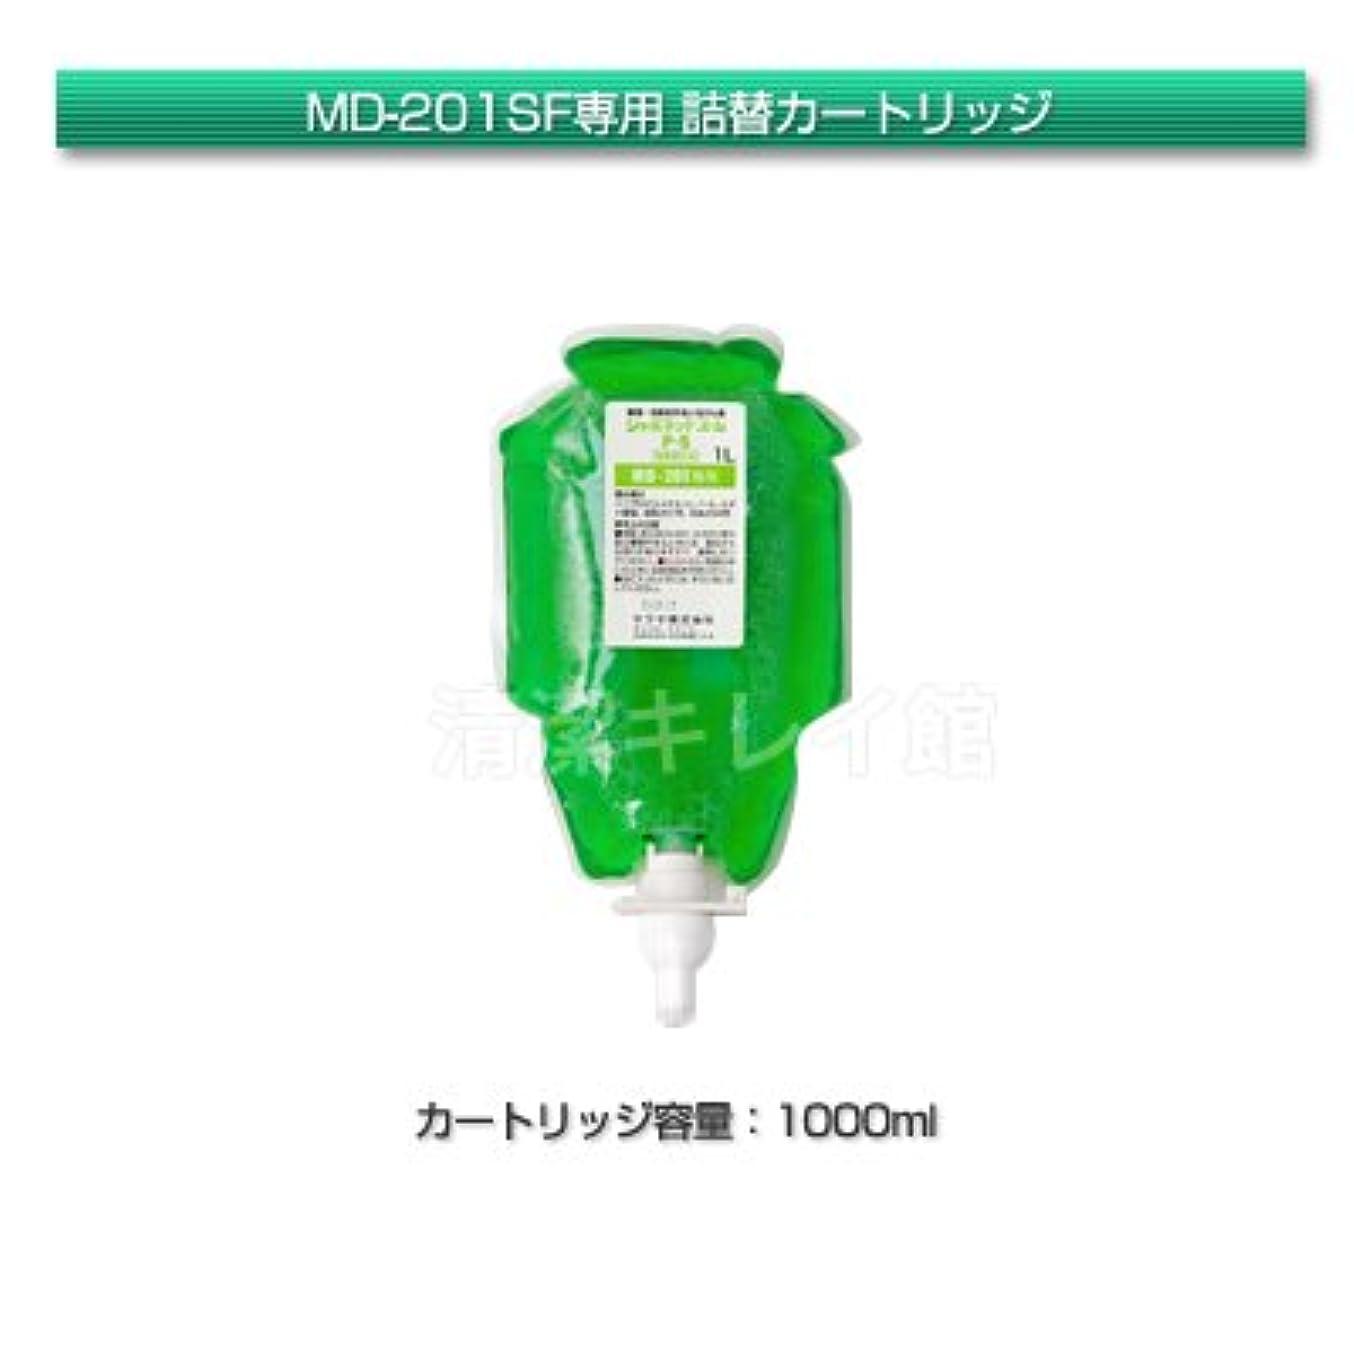 貧しい塗抹ミサイルサラヤ プッシュ式石鹸液 MD-201SF(泡)専用カートリッジ(ユムP-5)1000ml【清潔キレイ館】